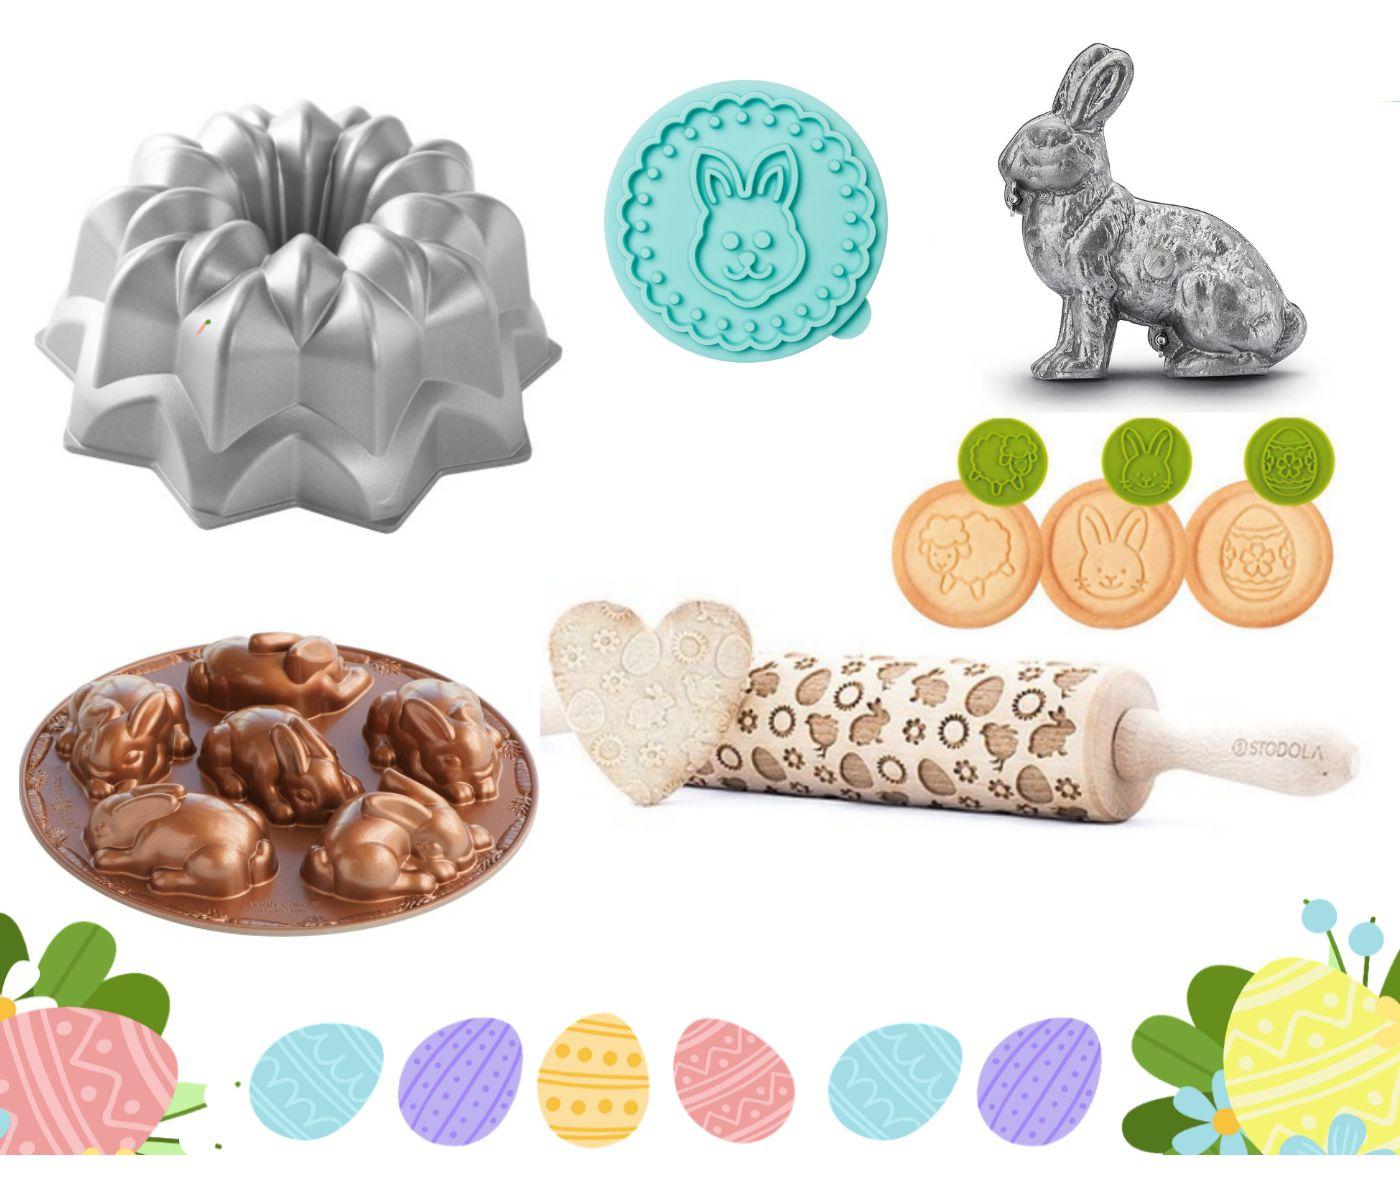 Cynamonowe Szczescie Najciekawsze Akcesoria Do Wielkanocnych Wypiekow